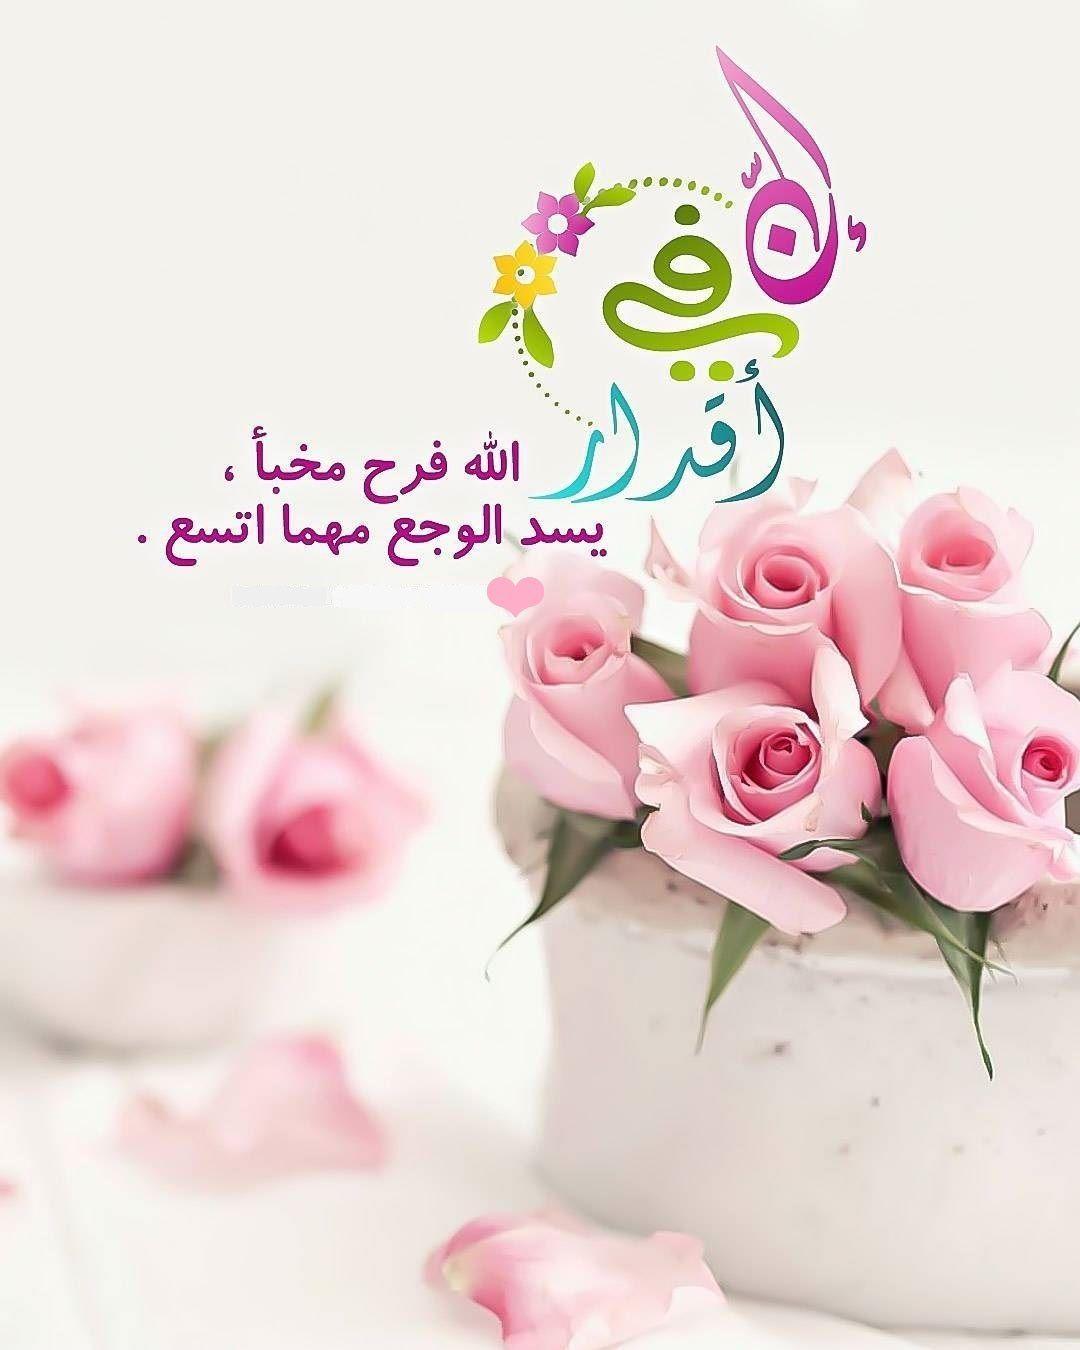 خلفيات فيسبوك اسلامية جديدة دعاء Love In Islam Islamic Inspirational Quotes Islamic Pictures